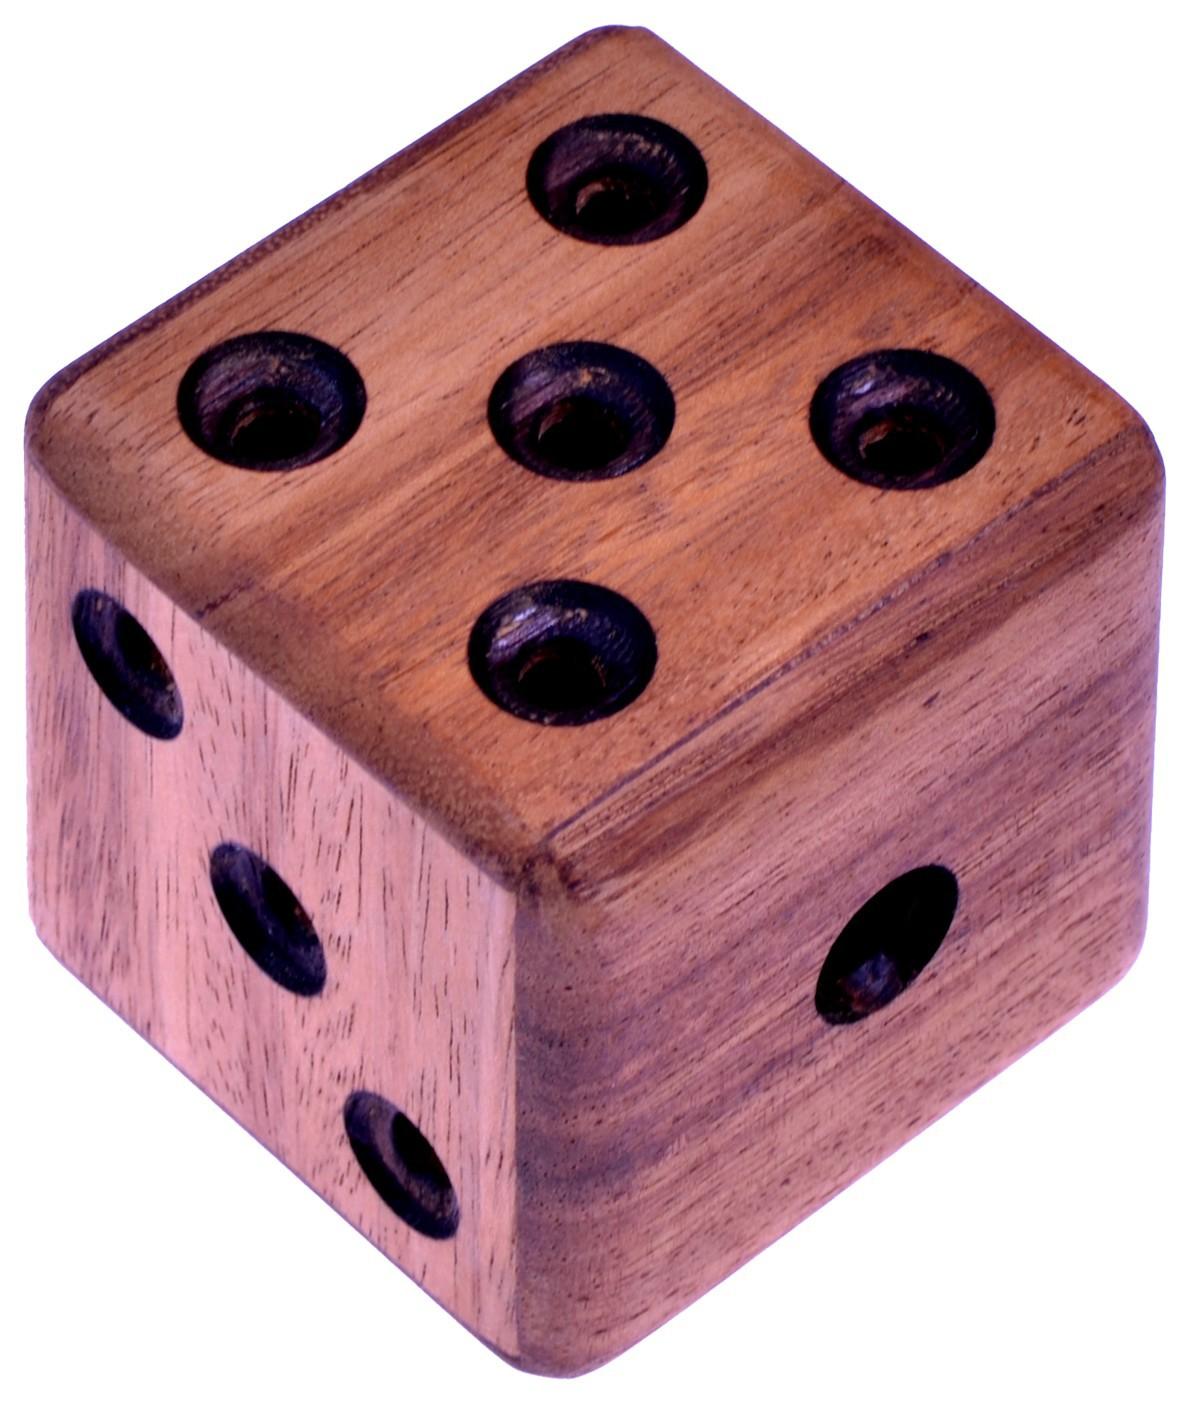 labyrinth w rfel denkspiel knobelspiel geduldspiel aus holz mit innenleben spiele f r 1. Black Bedroom Furniture Sets. Home Design Ideas